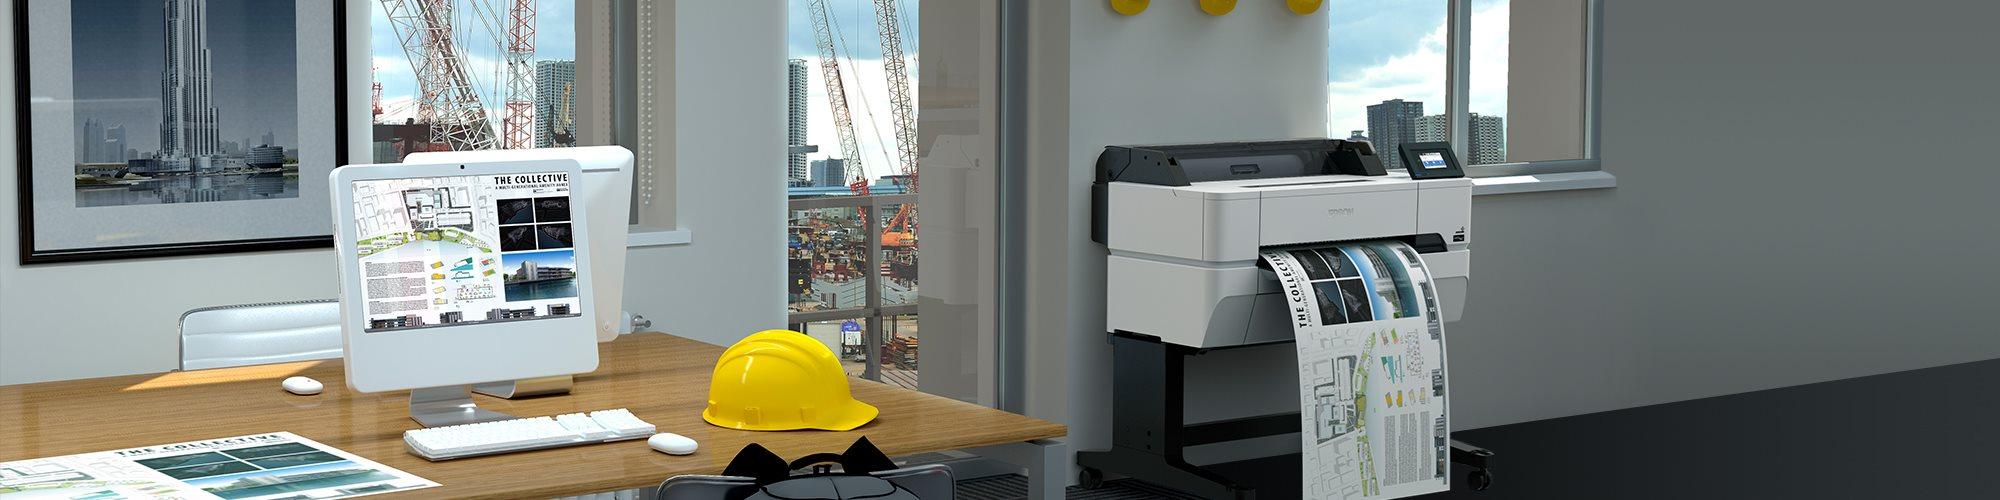 Ingeniería - Soluciones de impresión